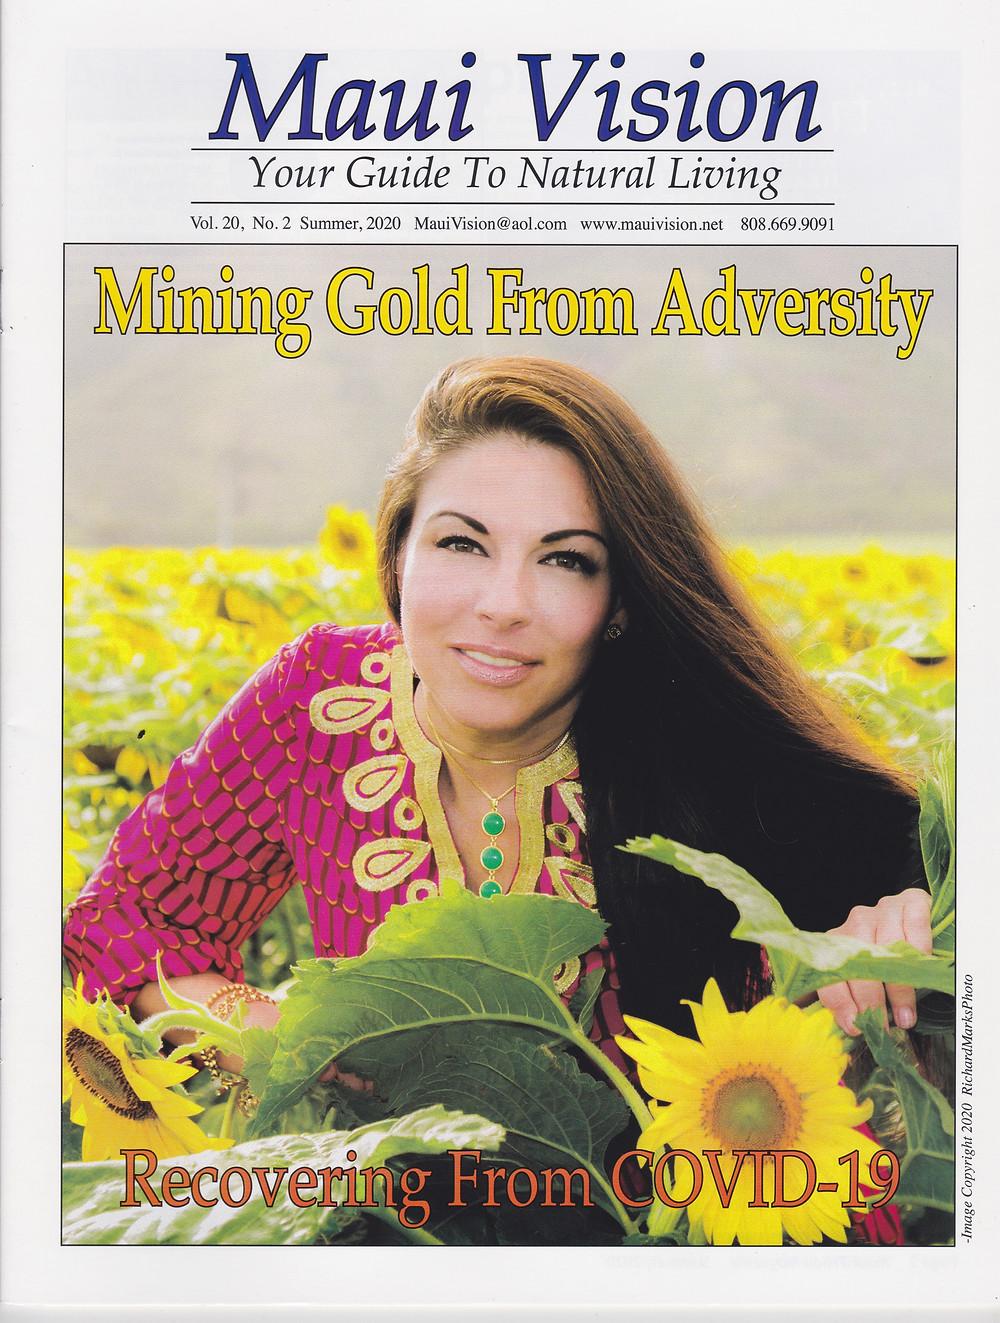 MauiVisionMagazineCover-RichardMarksPhoto.com